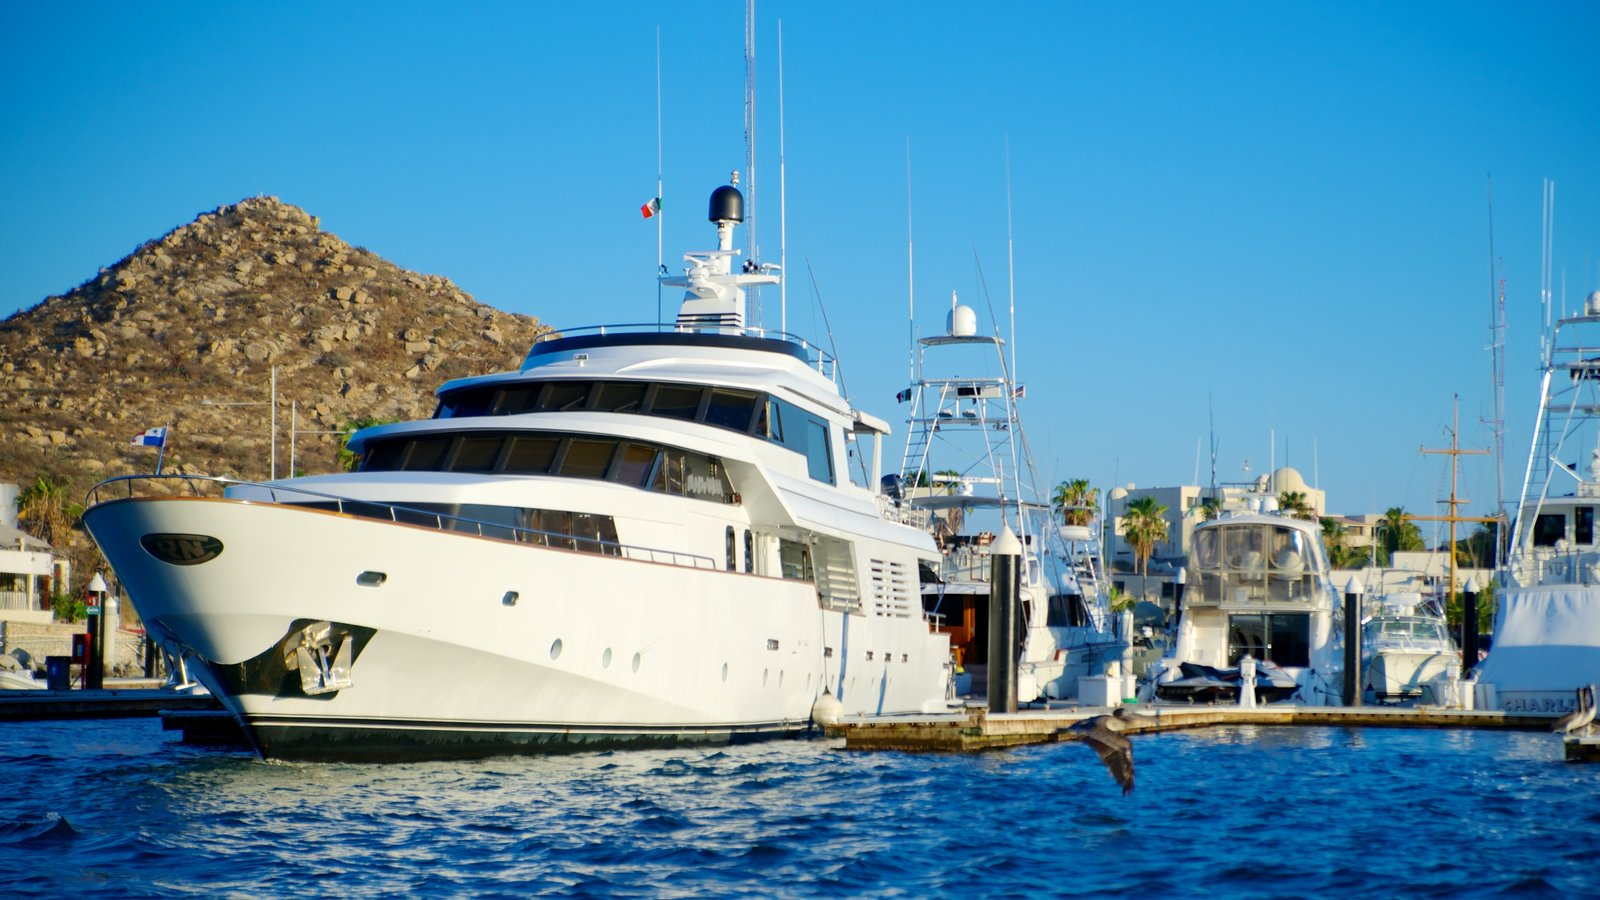 Marina Cabo San Lucas which includes a marina